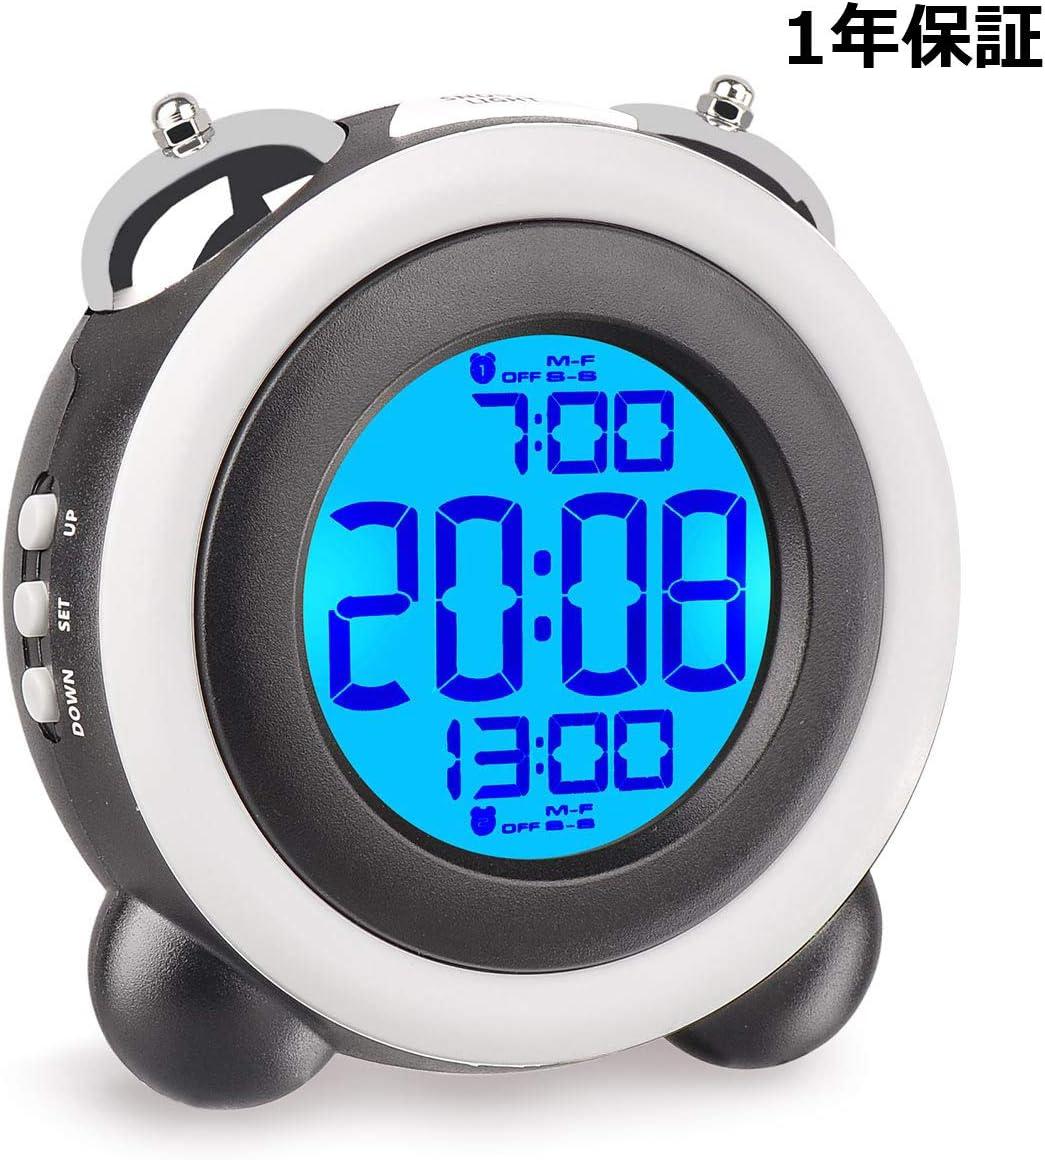 目覚まし時計 大音量 アラーム 2つ ベル デジタル スヌーズ LED バックライト デュアルアラーム 卓上 置き時計